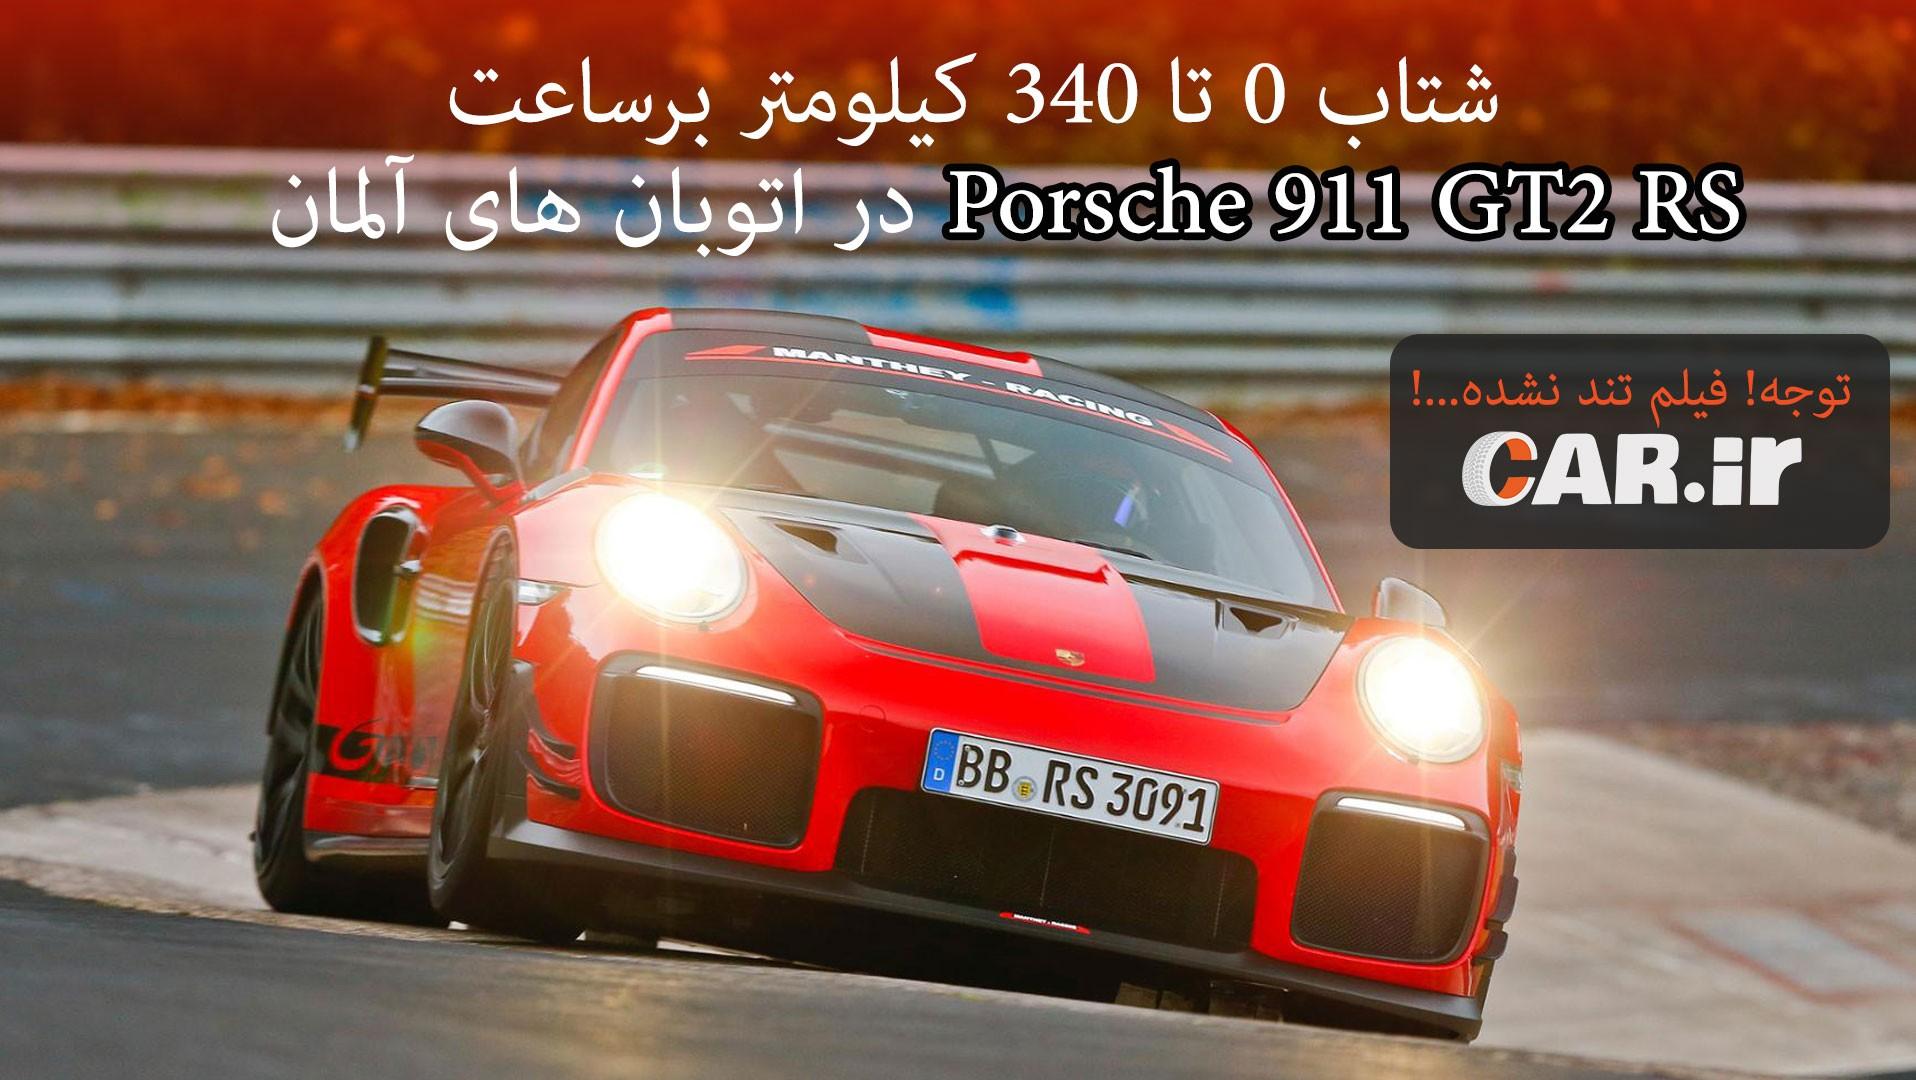 تست شتاب 0 تا 342 کیلومتر پورشه 911 GT2 RS در اتوبان های آلمان